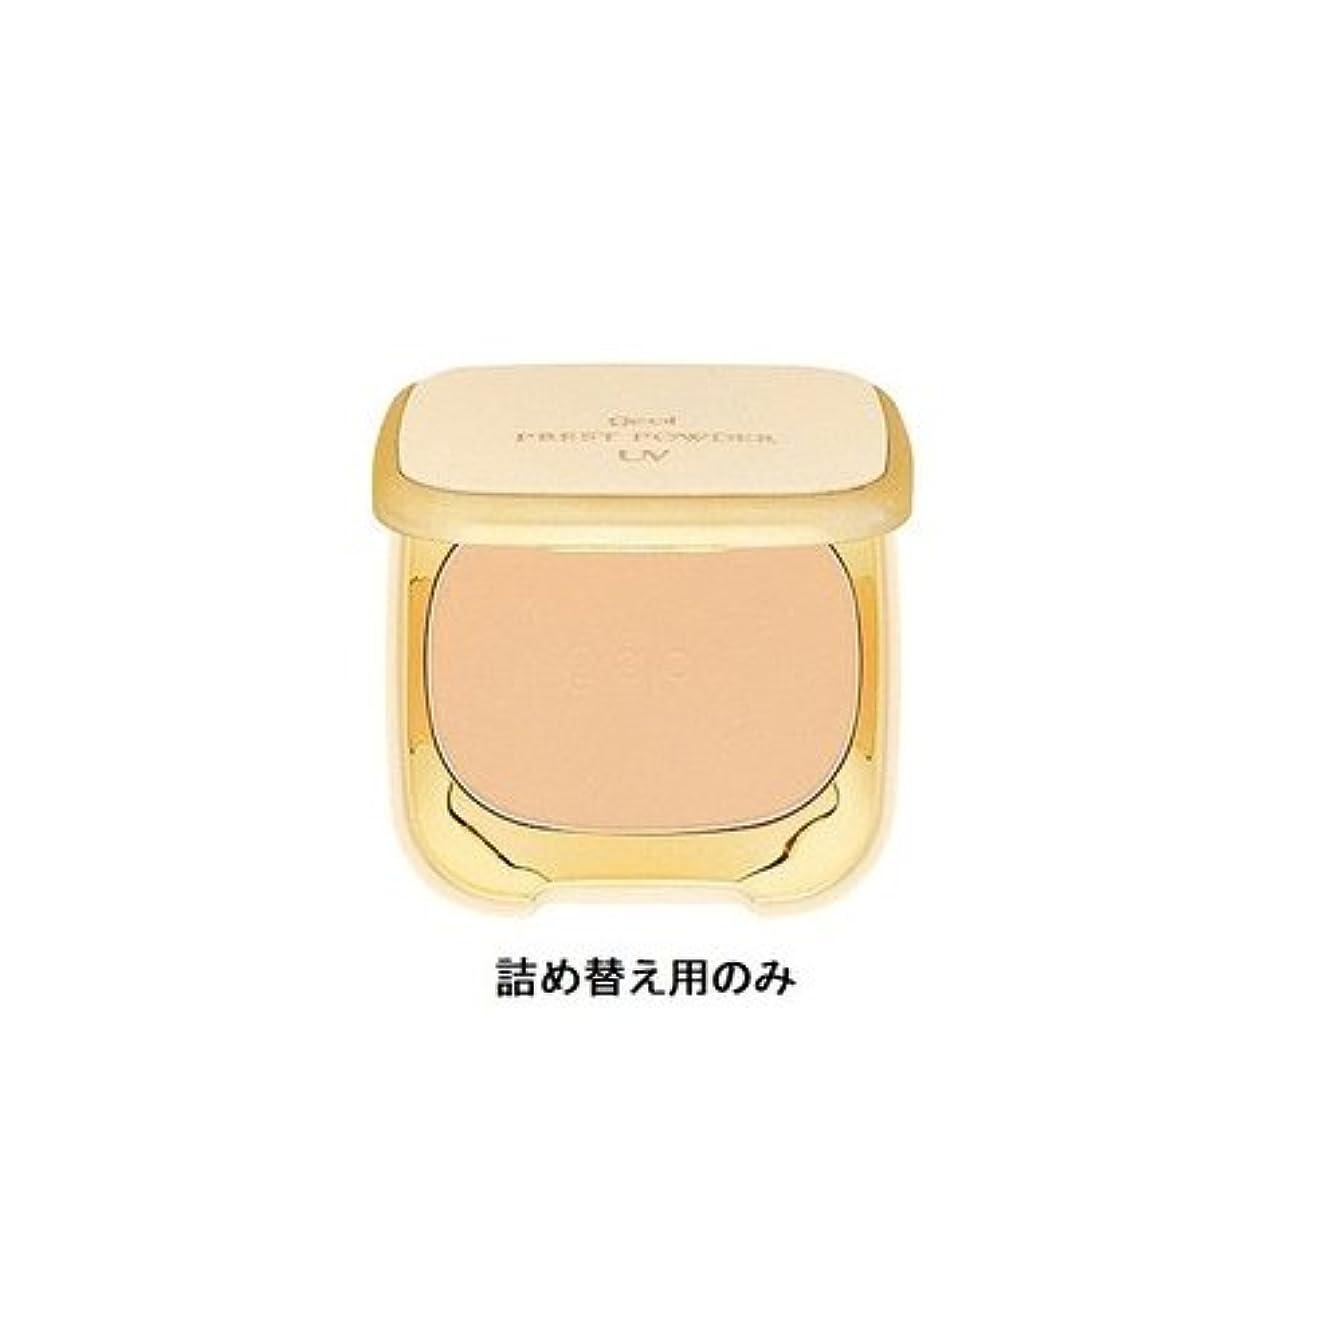 肌寒い禁輸かすかなゲオール プレストパウダーUV 詰替用 (パフ付き) (10 ピンク系)